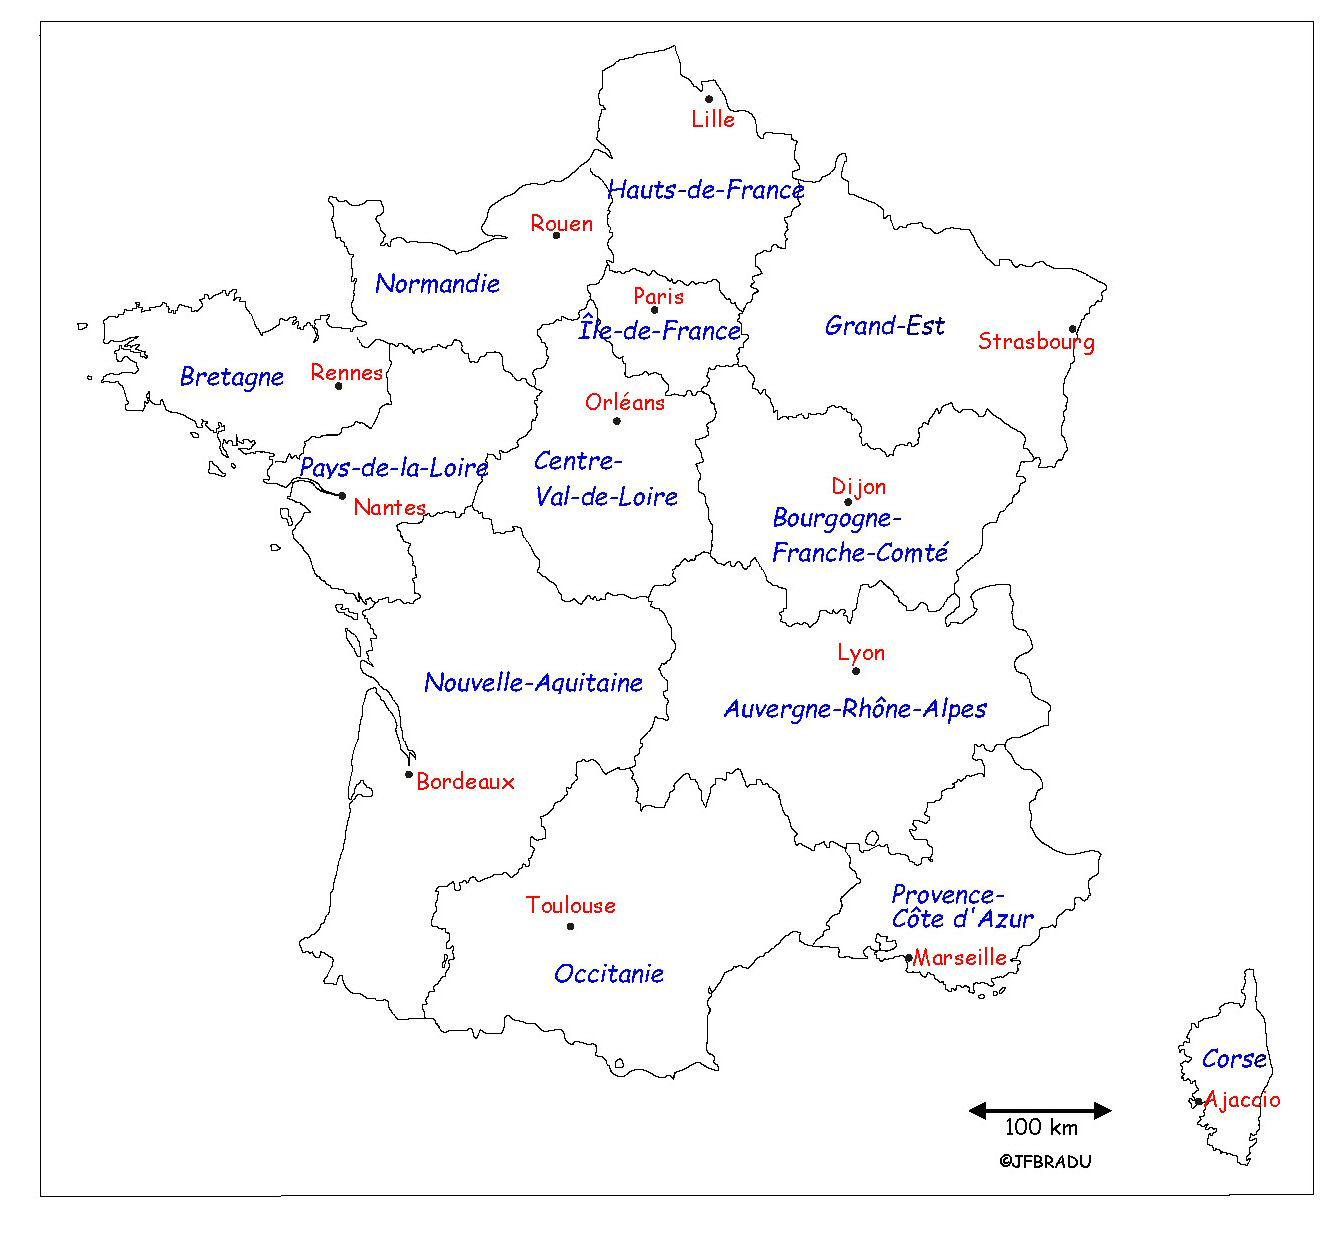 Fonds De Cartes France intérieur Carte Des Régions Et Départements De France À Imprimer